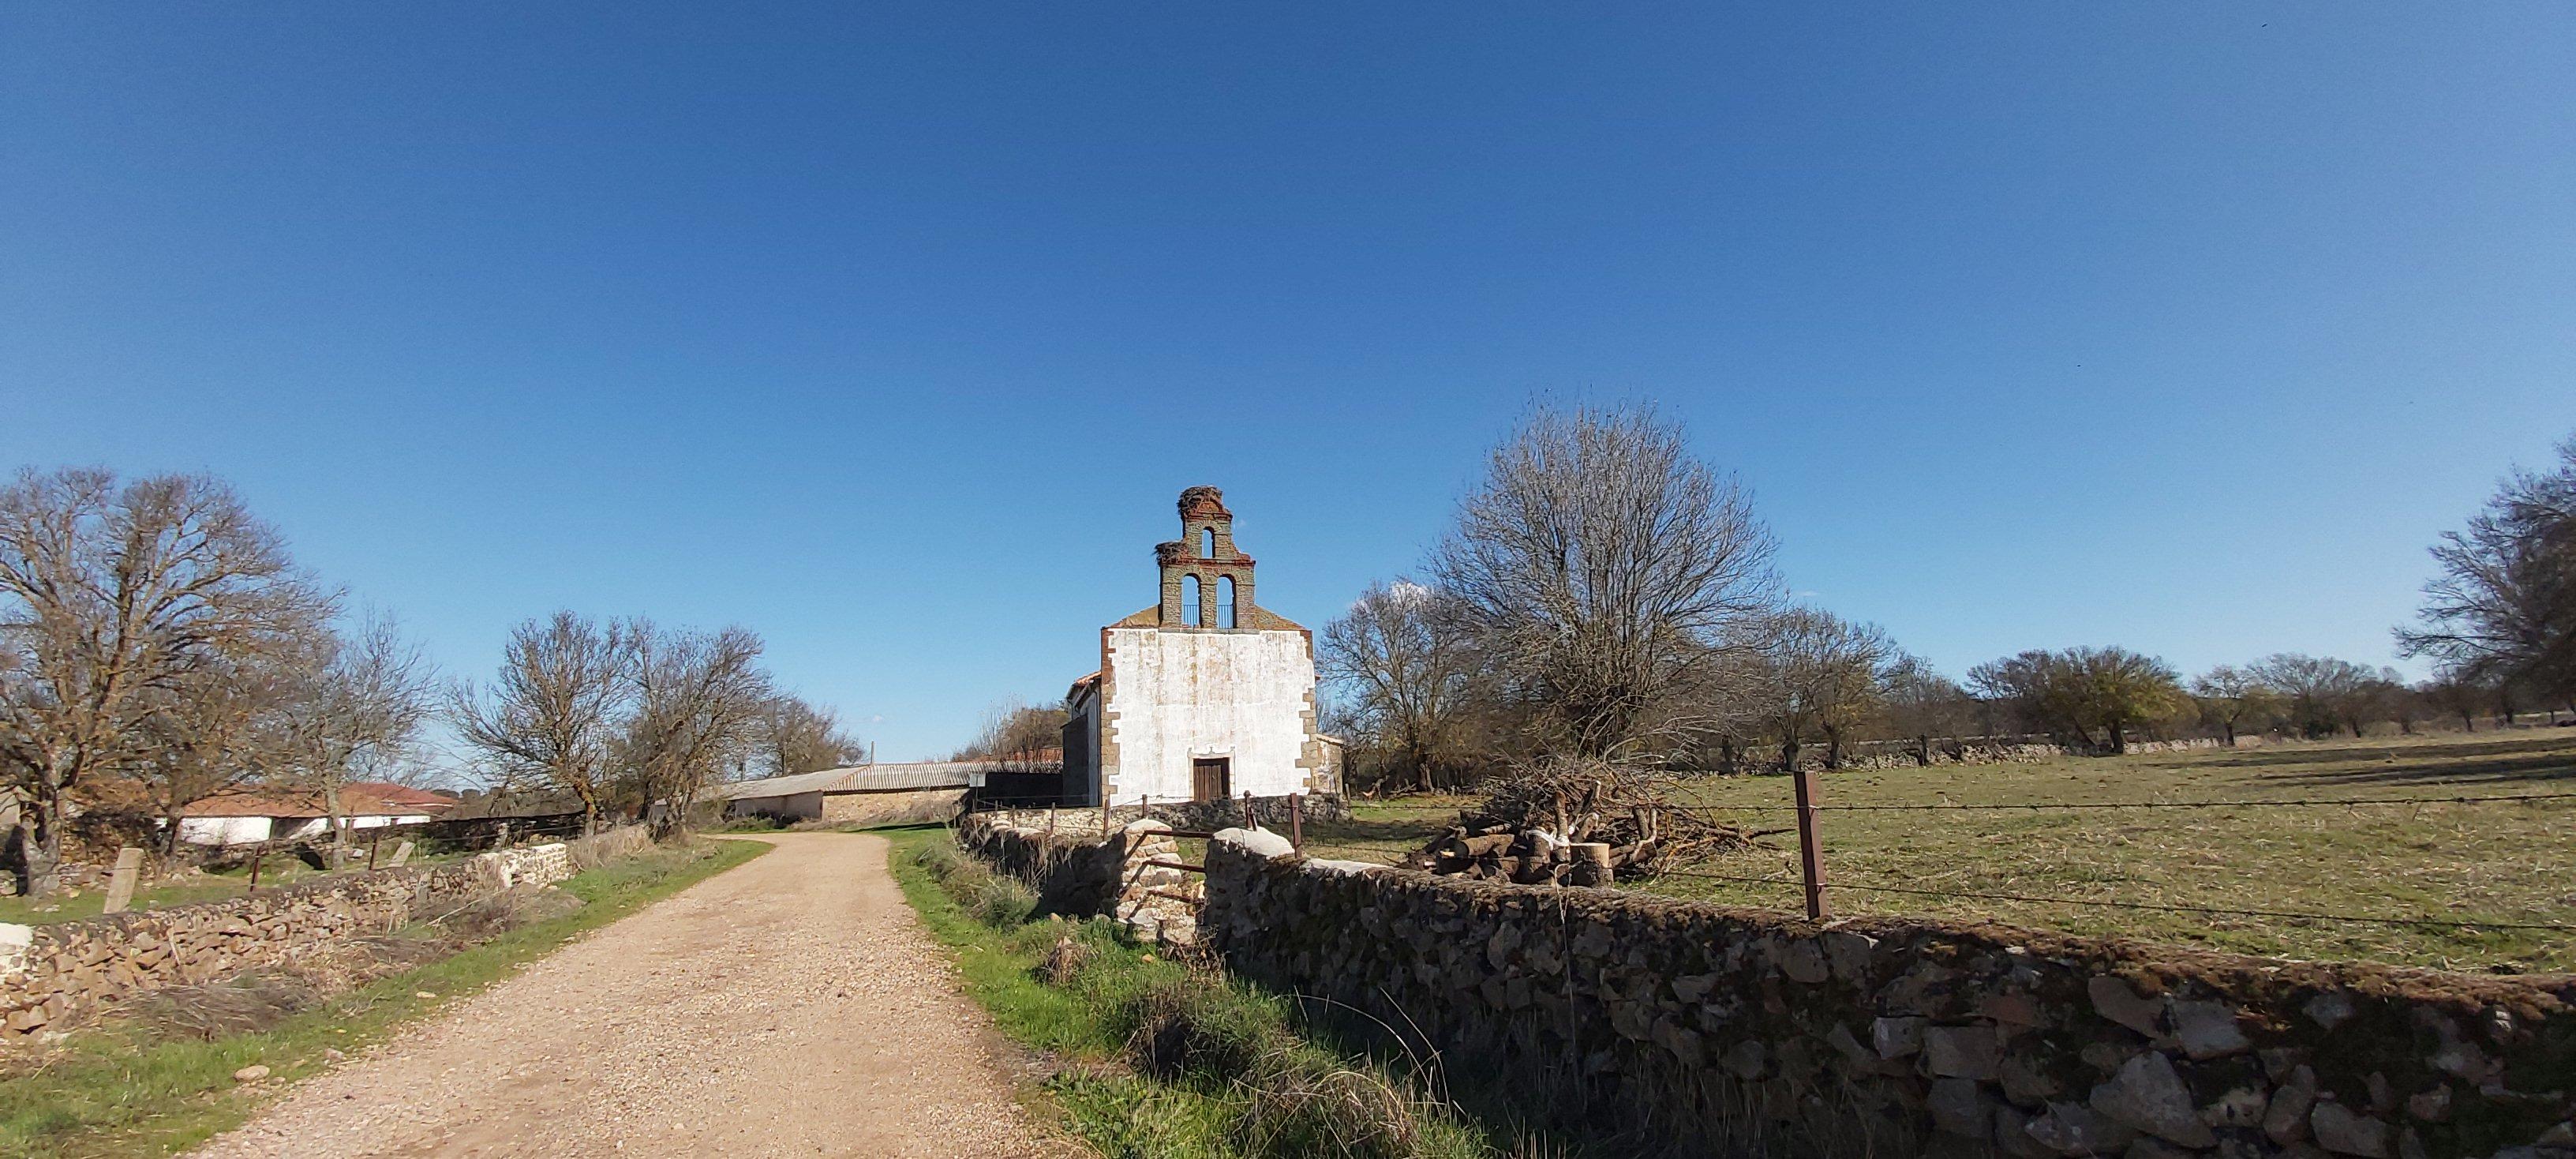 La ermita de Manolete